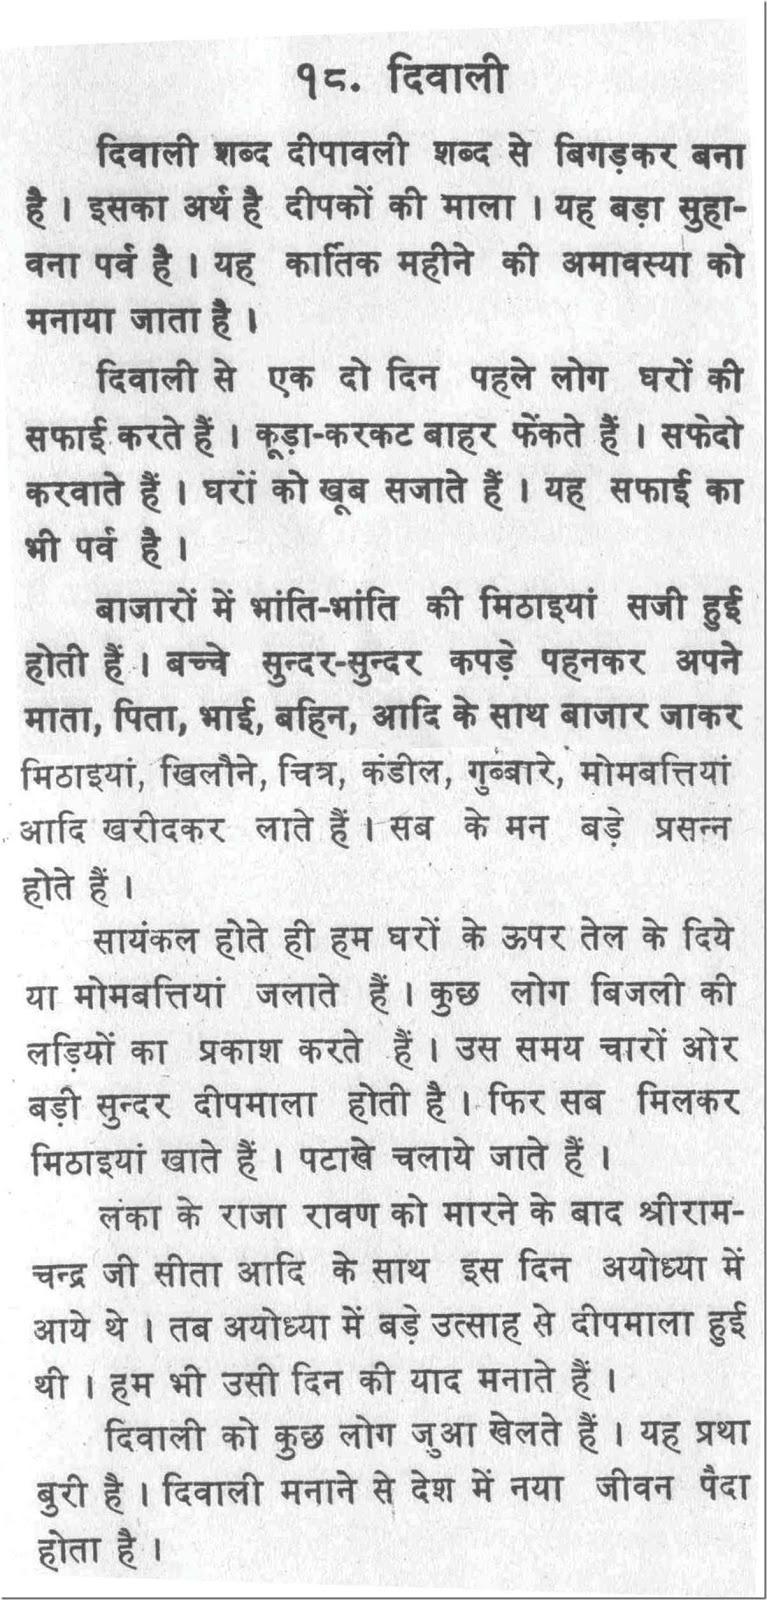 Diwali 2015 Essay